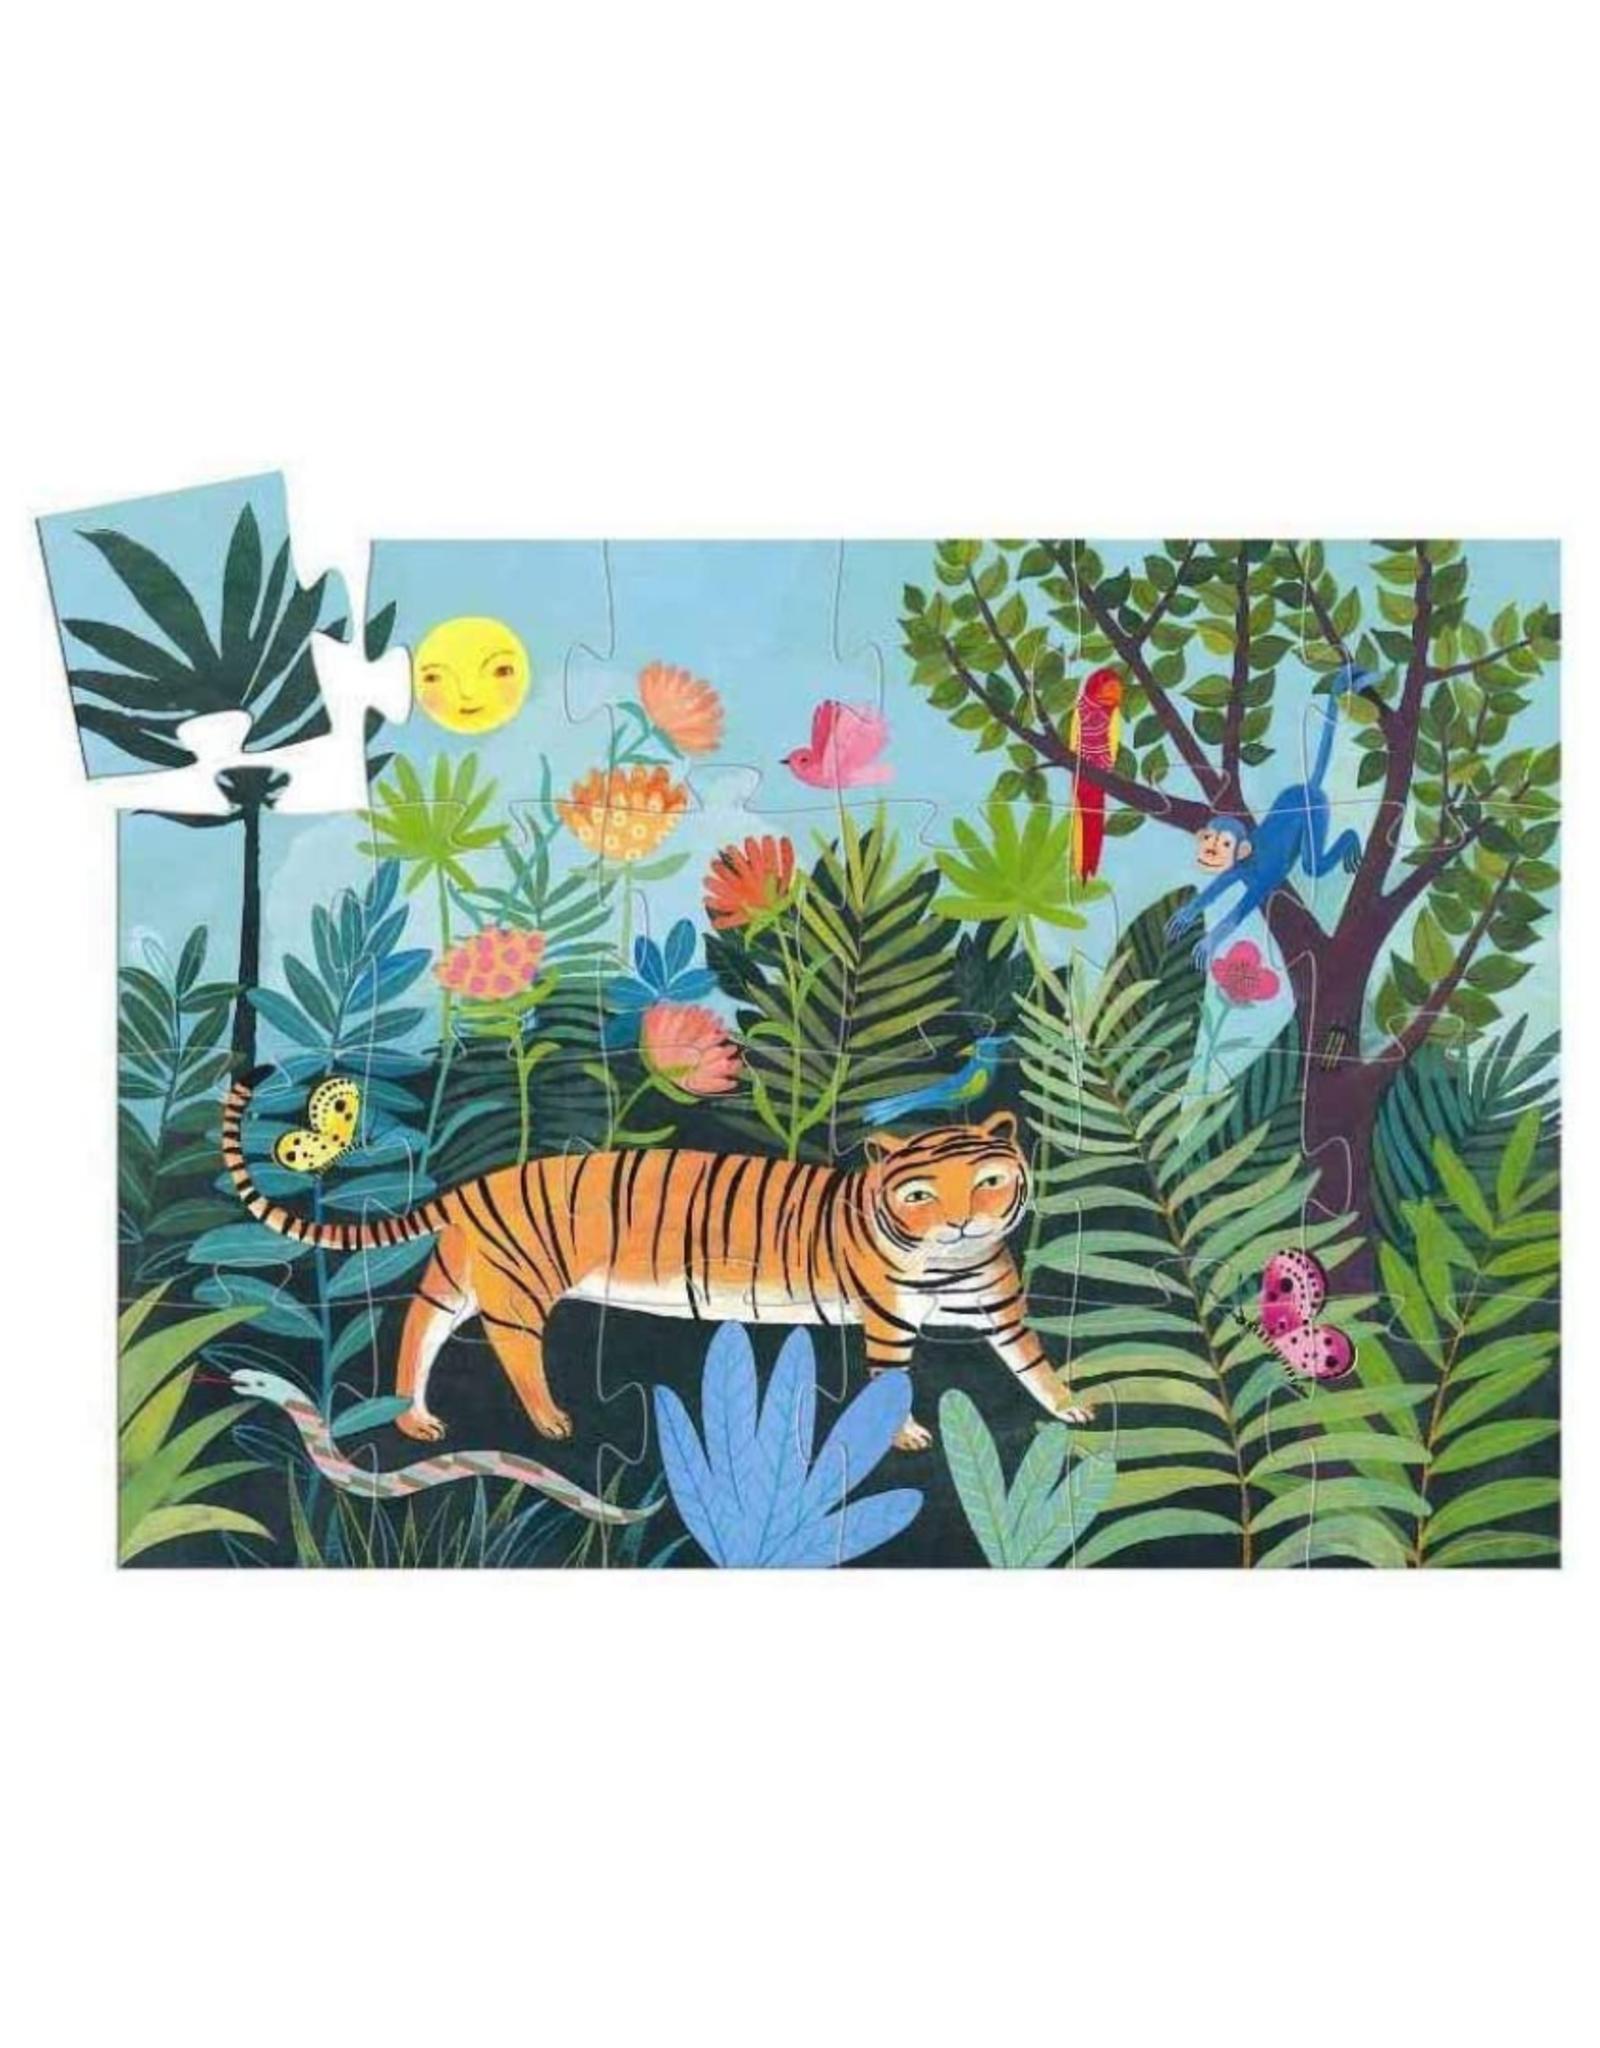 Djeco Silhouette Puzzle 24pc - The Tiger's Walk